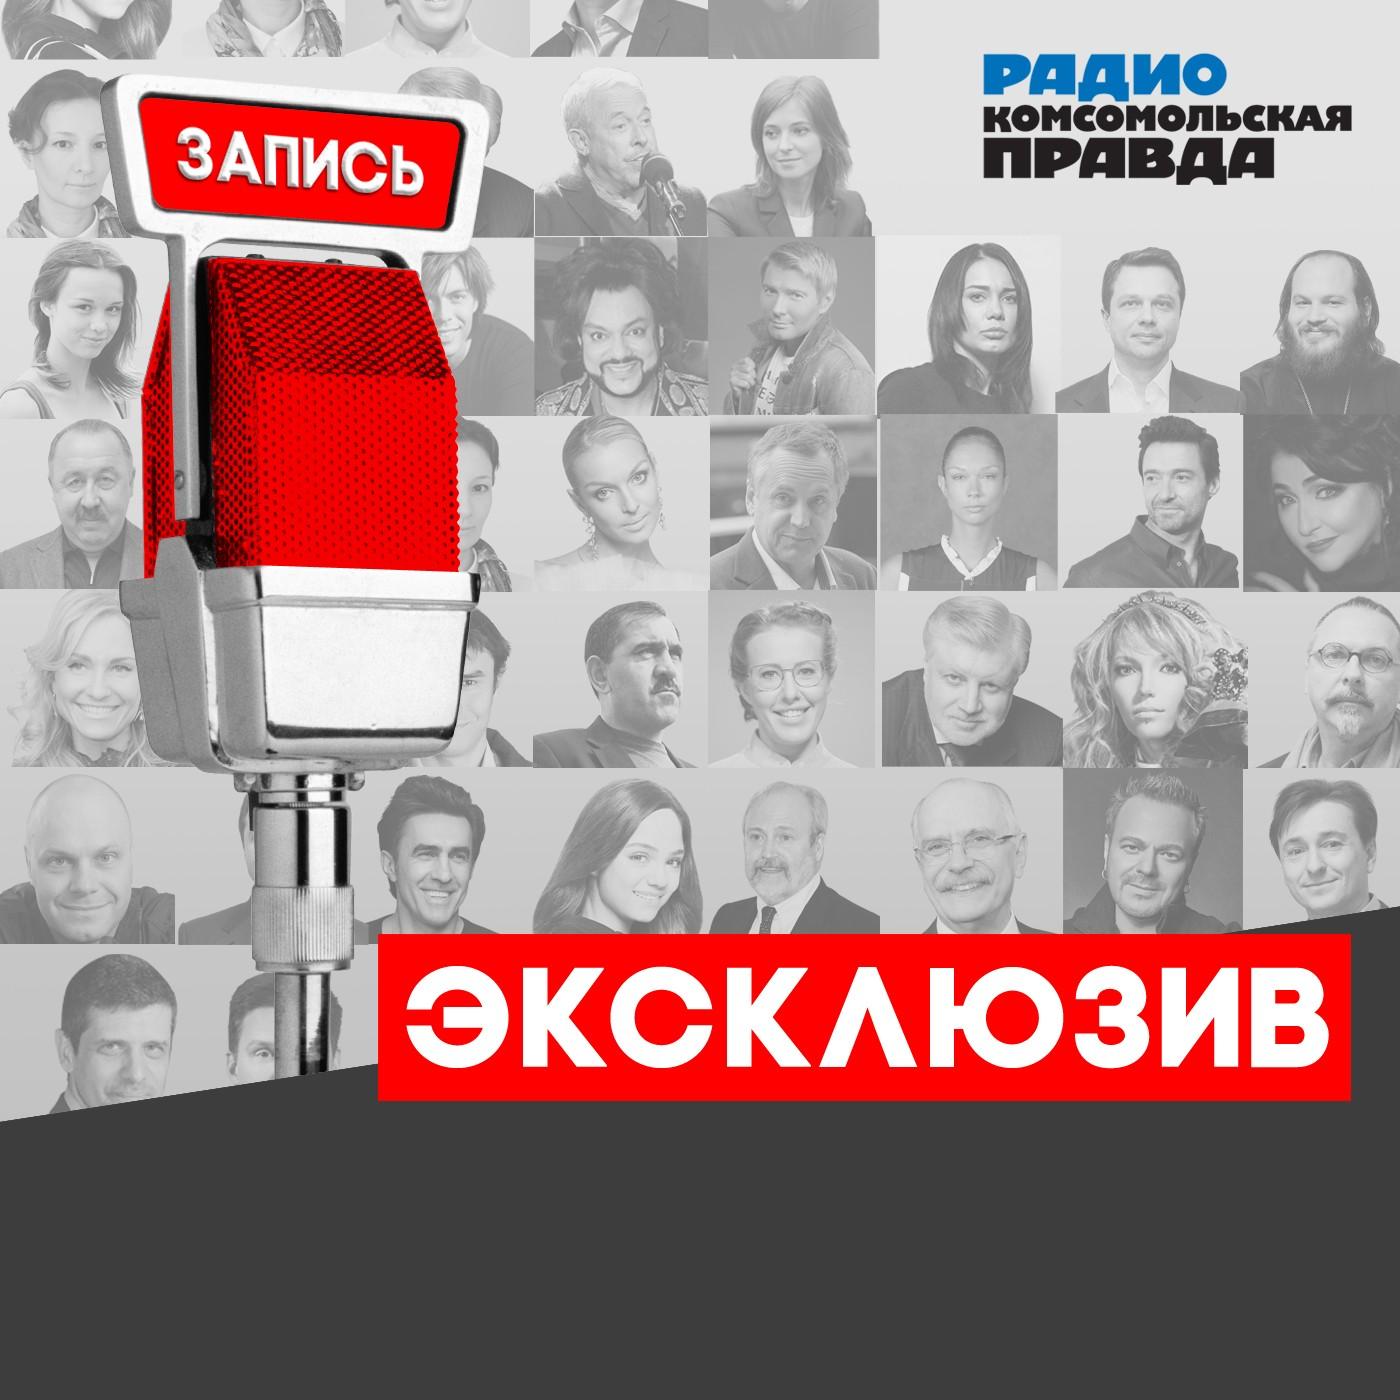 Радио «Комсомольская правда» Отец Марии Бутиной: Дочери позволено только на 2 часа покидать одиночную камеру и то, глубокой ночью абхъянга 2 часа